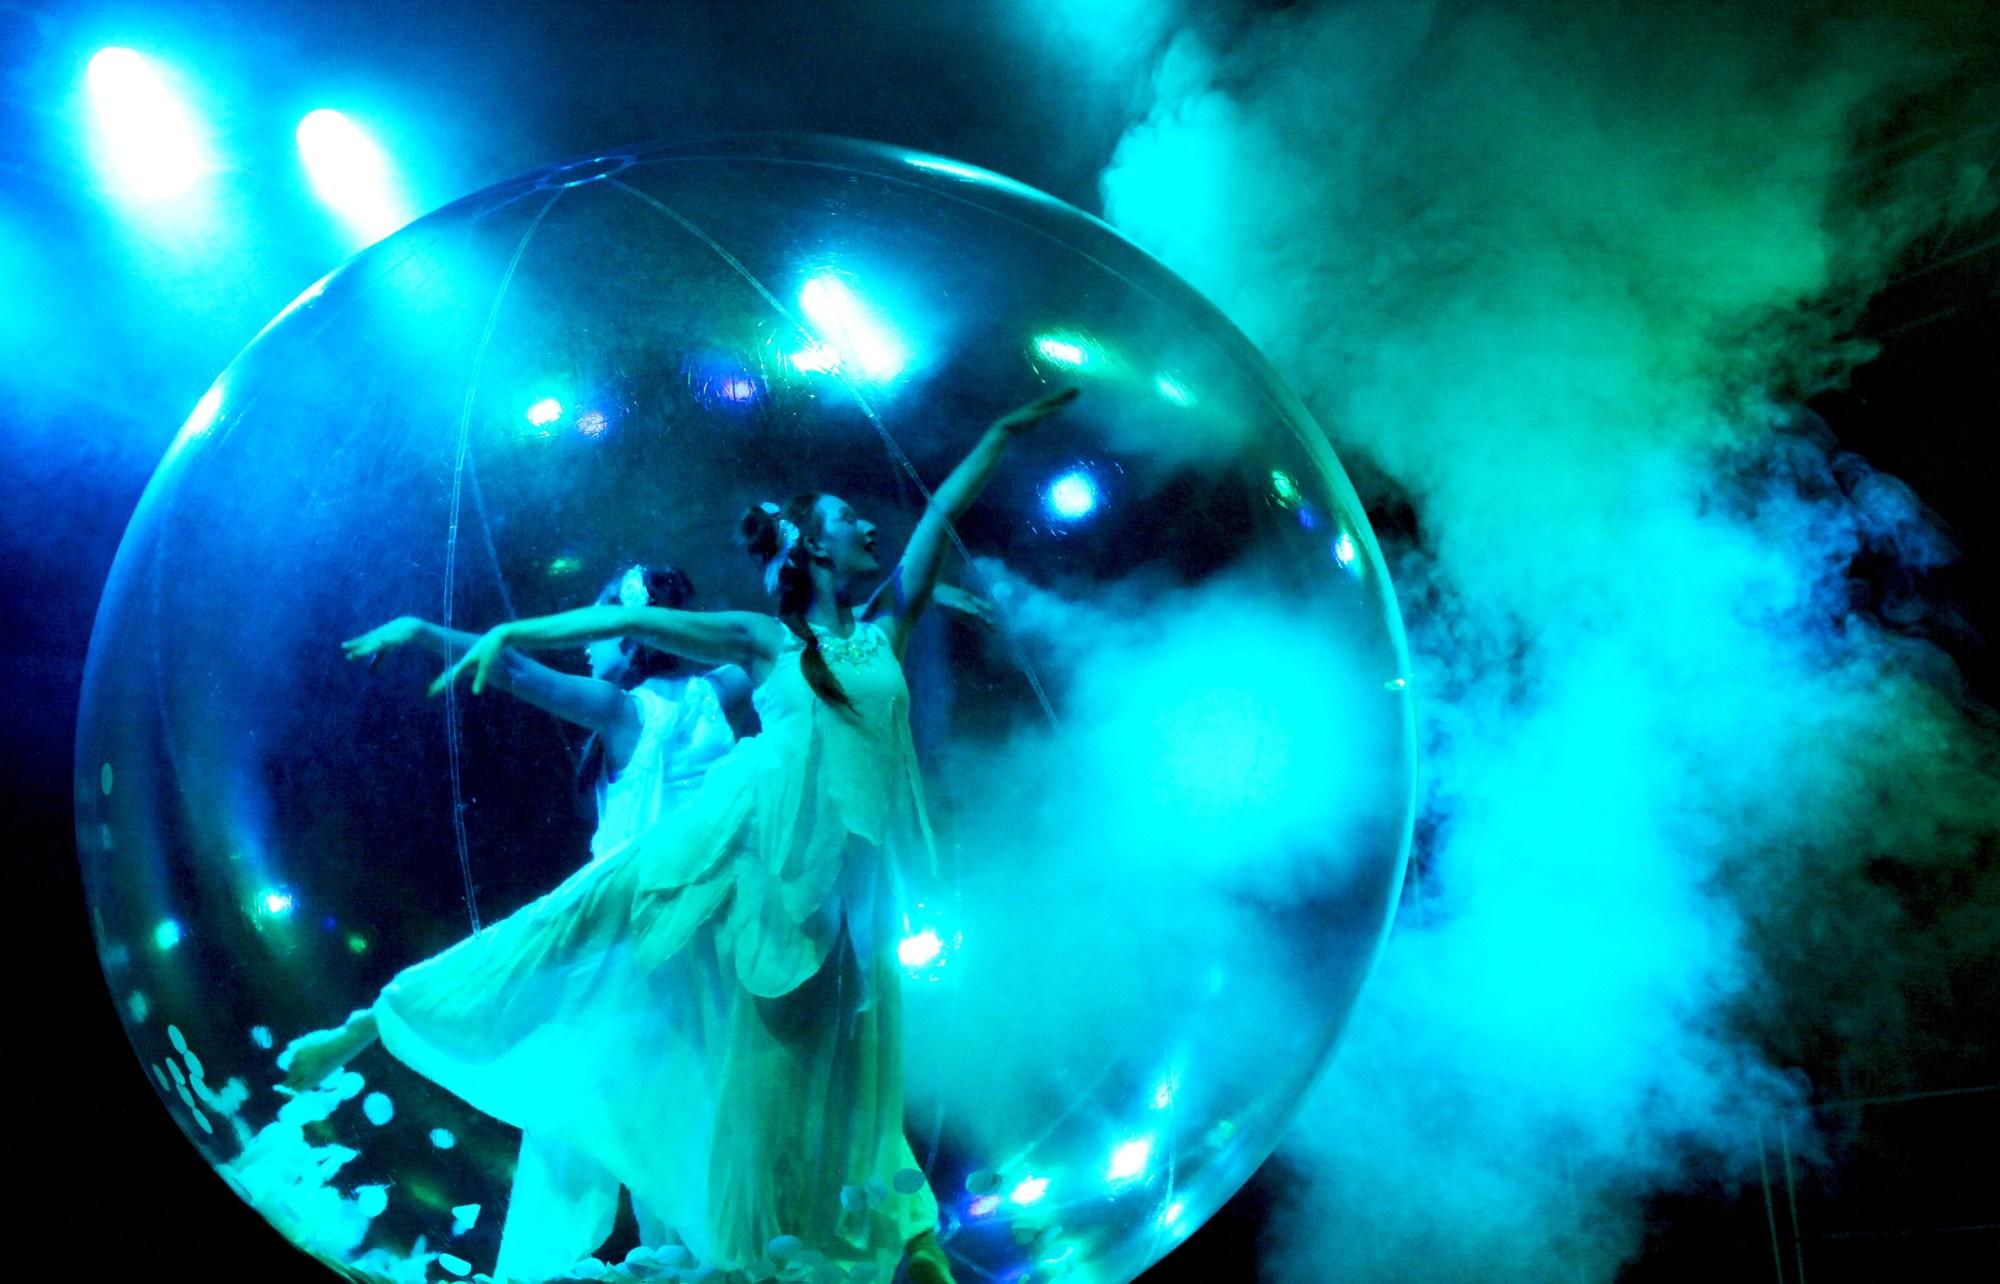 Transparante bal met danseres in rook